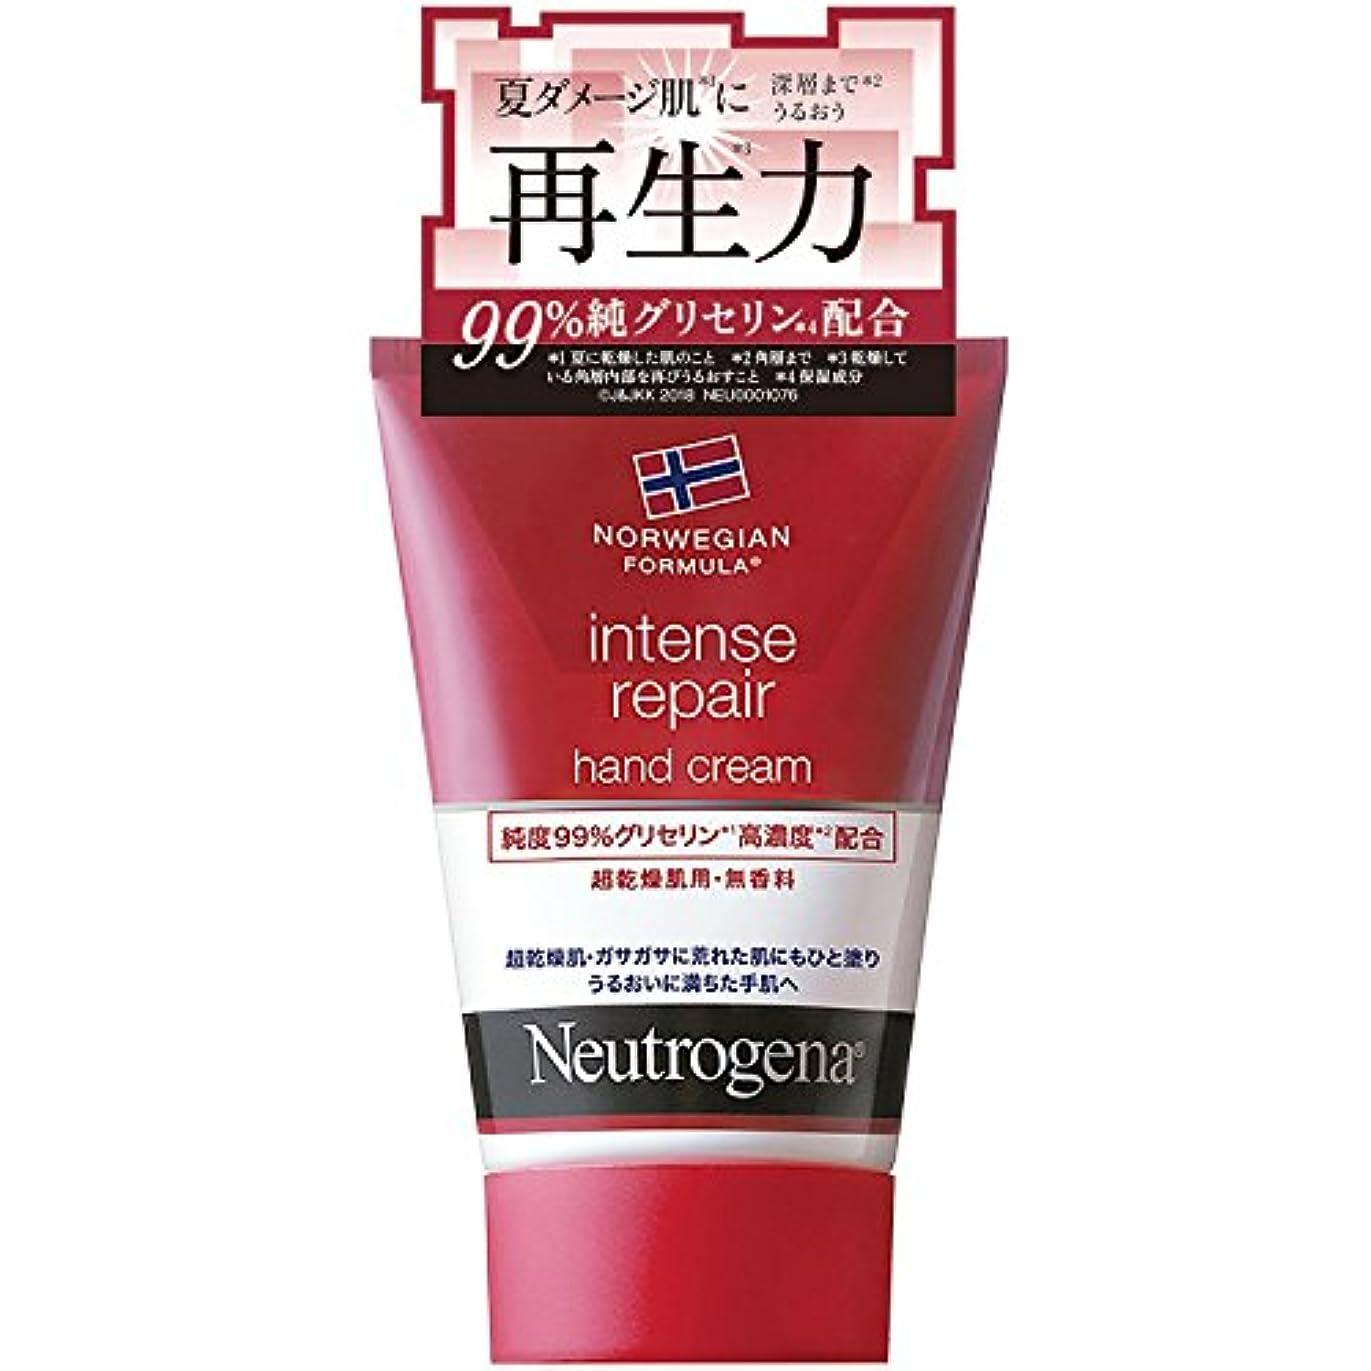 エッセイさておきまとめるNeutrogena(ニュートロジーナ) ノルウェーフォーミュラ インテンスリペア ハンドクリーム 無香料 50g